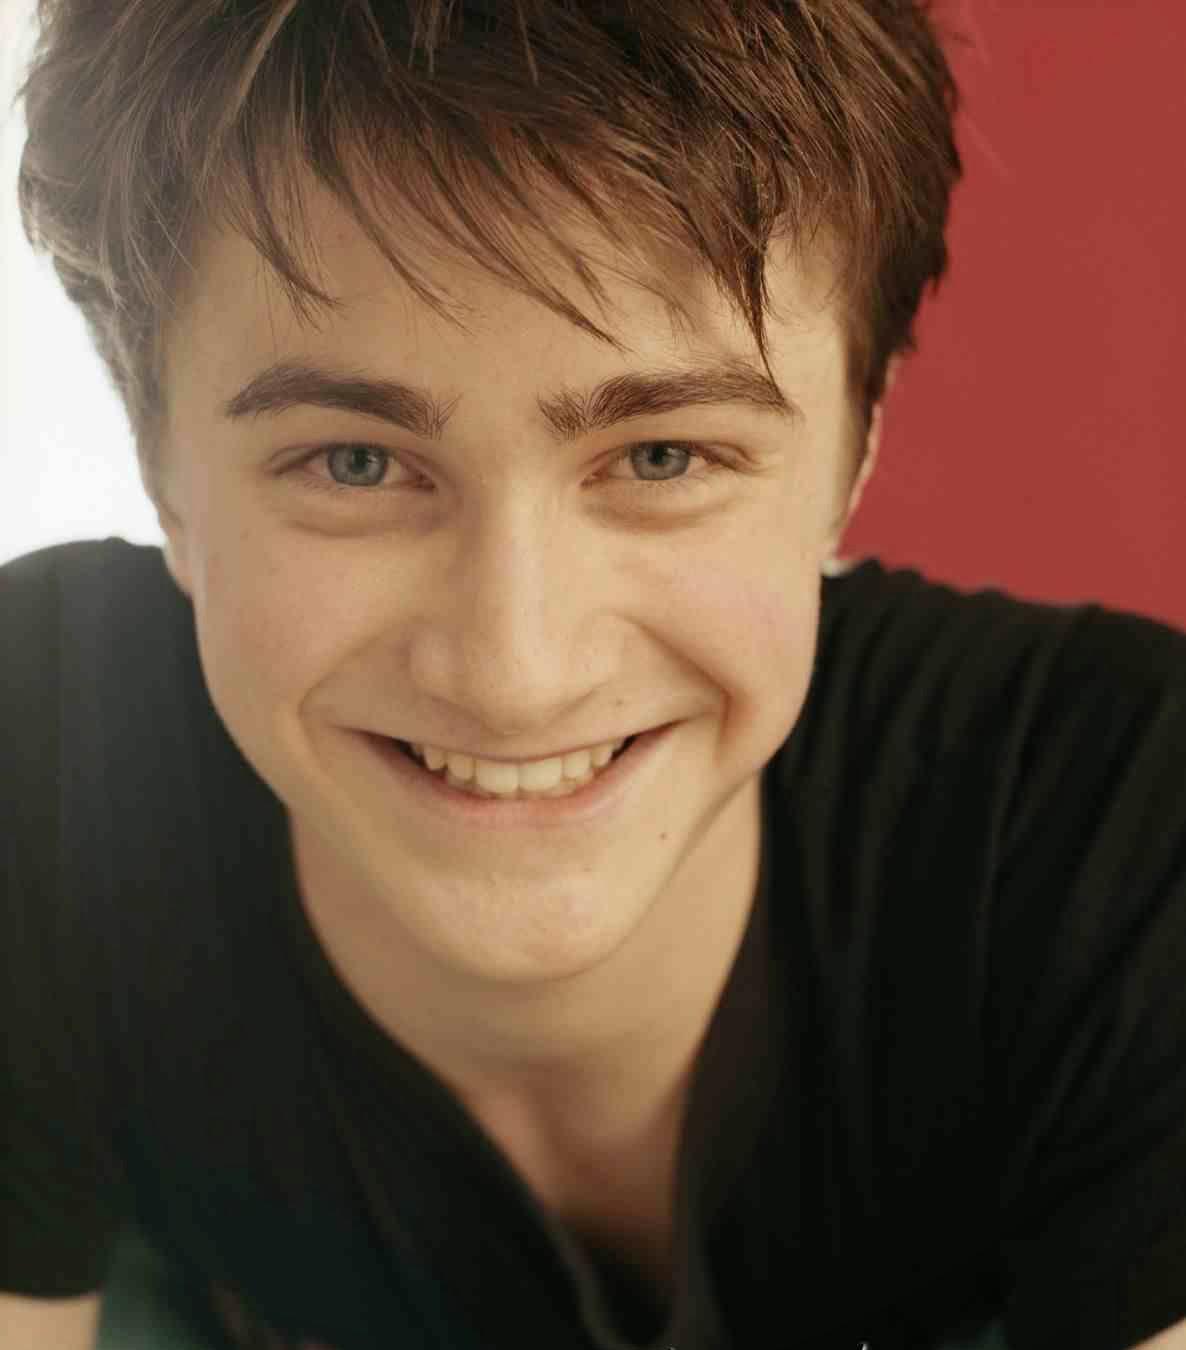 Celebrities Daniel Radcliffe